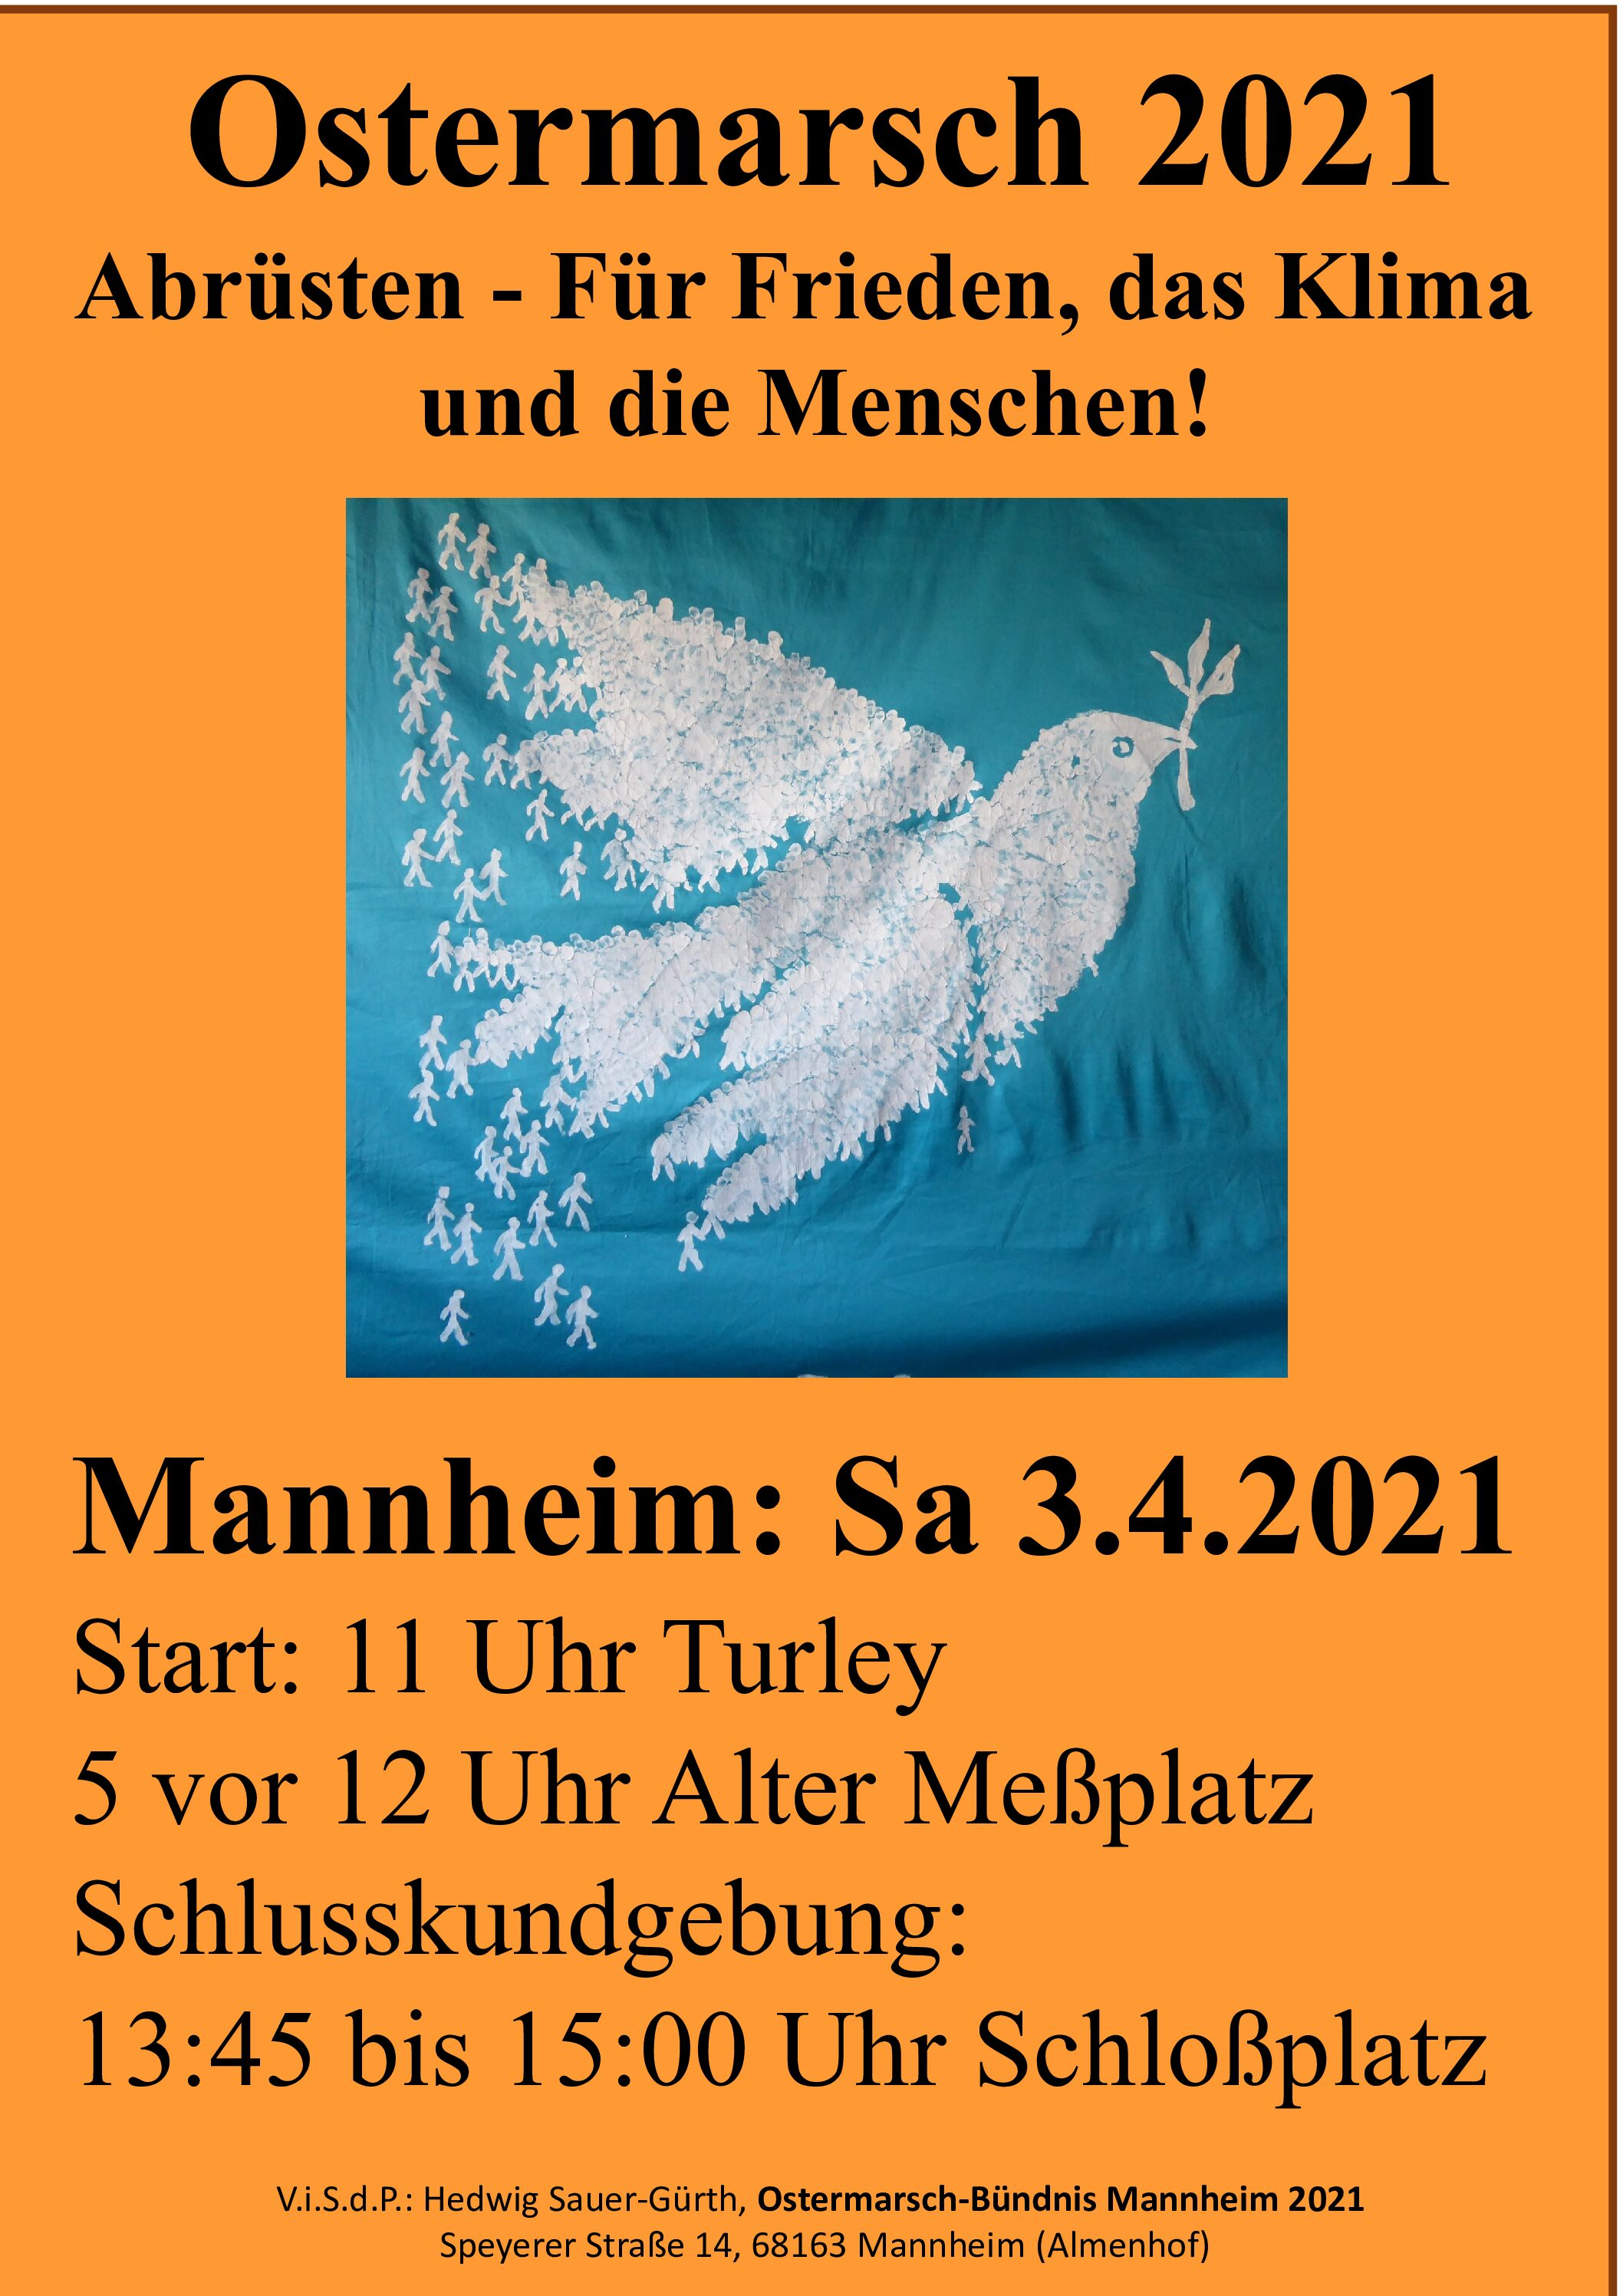 Ostermarsch 2021: Raus für Frieden und Abrüstung am Ostersamstag